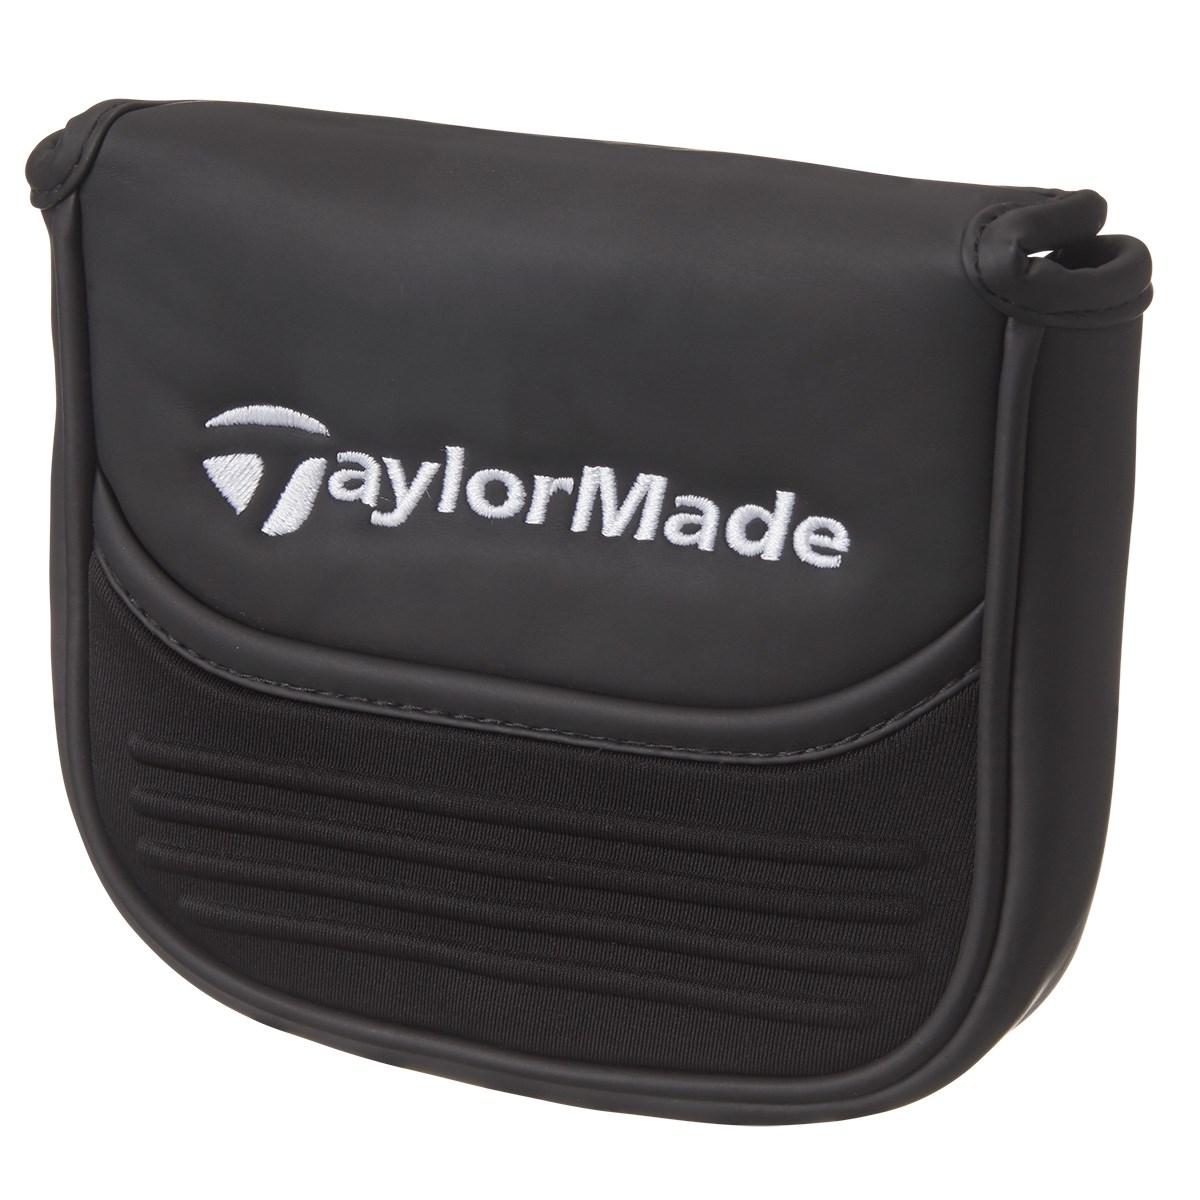 テーラーメイド Taylor Made モールドパネル パターカバー ブラック